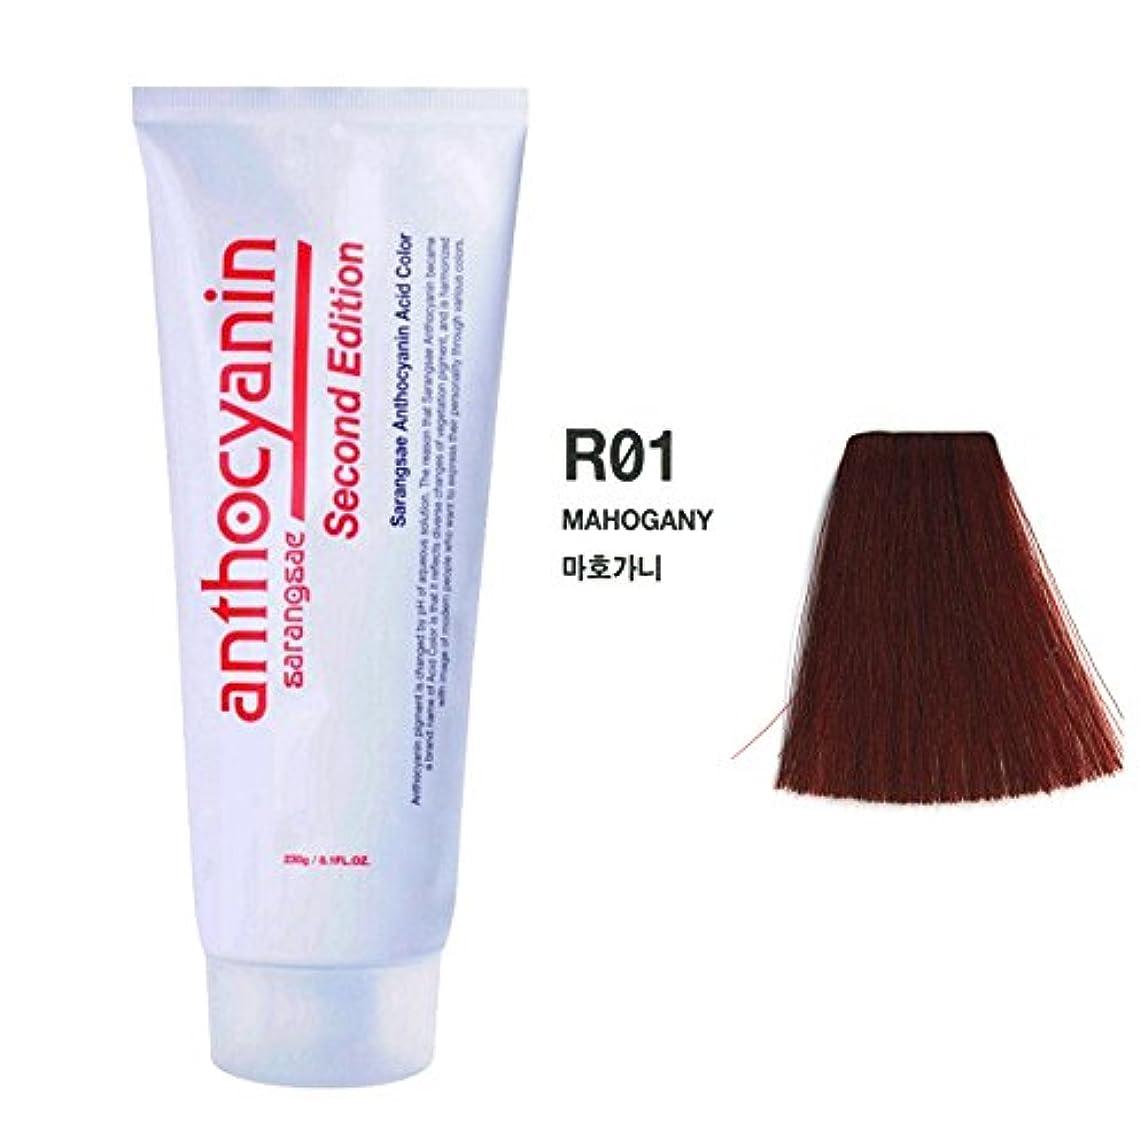 頑固な休眠確実ヘア マニキュア カラー セカンド エディション 230g セミ パーマネント 染毛剤 ( Hair Manicure Color Second Edition 230g Semi Permanent Hair Dye) [並行輸入品] (R01 Mahogany)